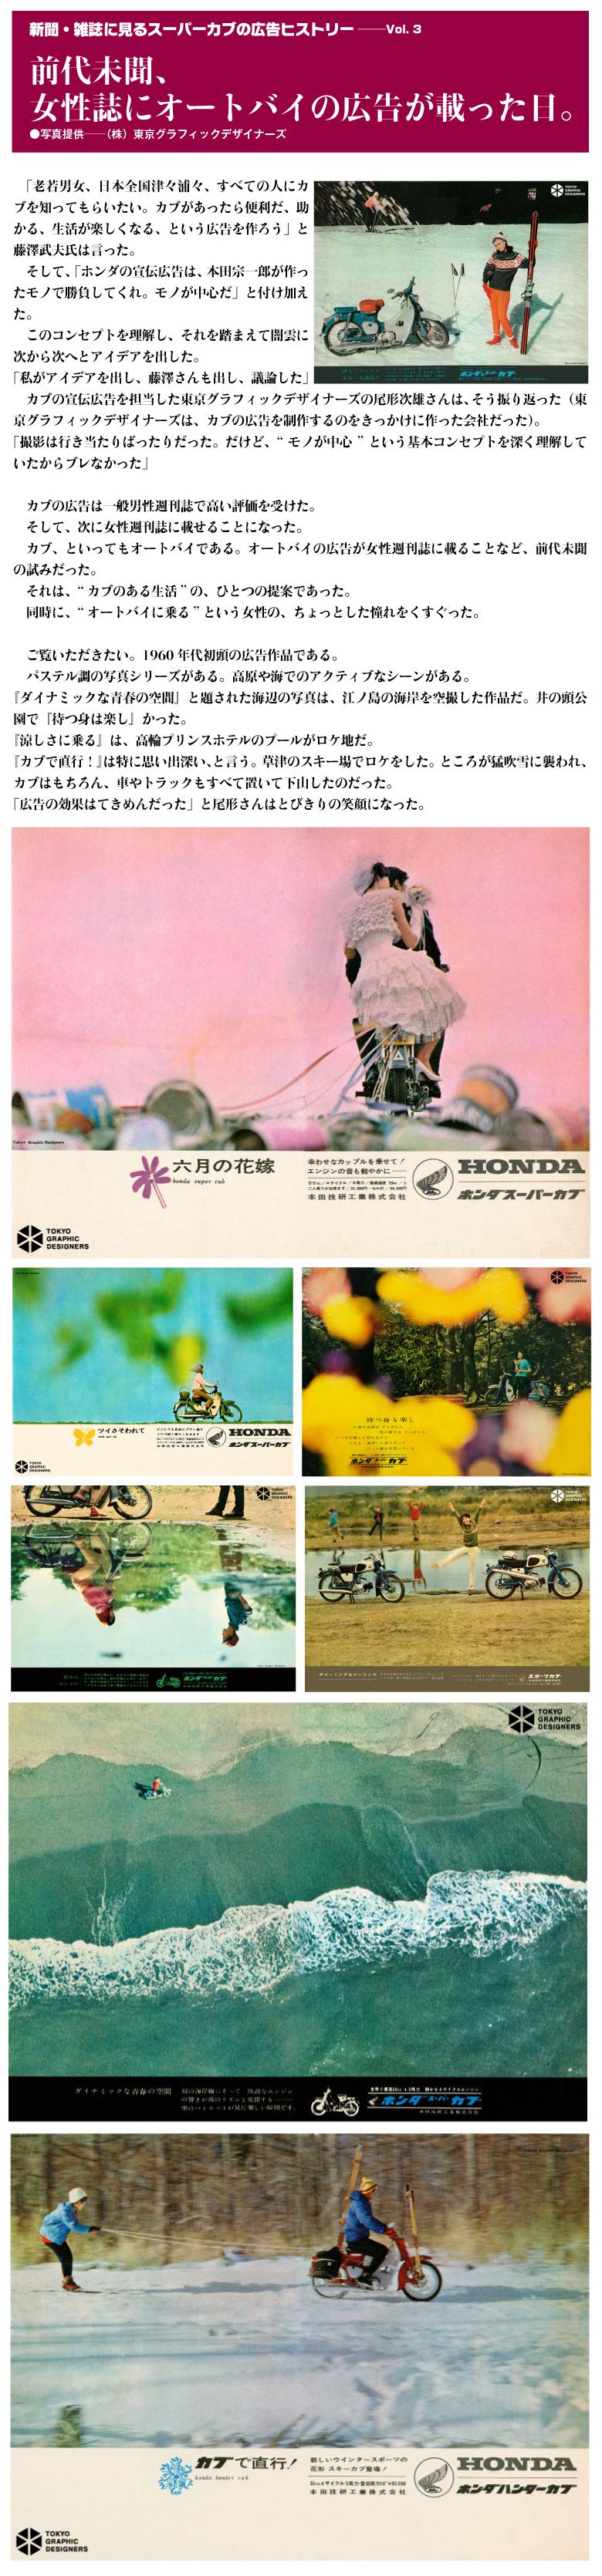 新聞・雑誌に見るスーパーカブの広告ヒストリー 3-1